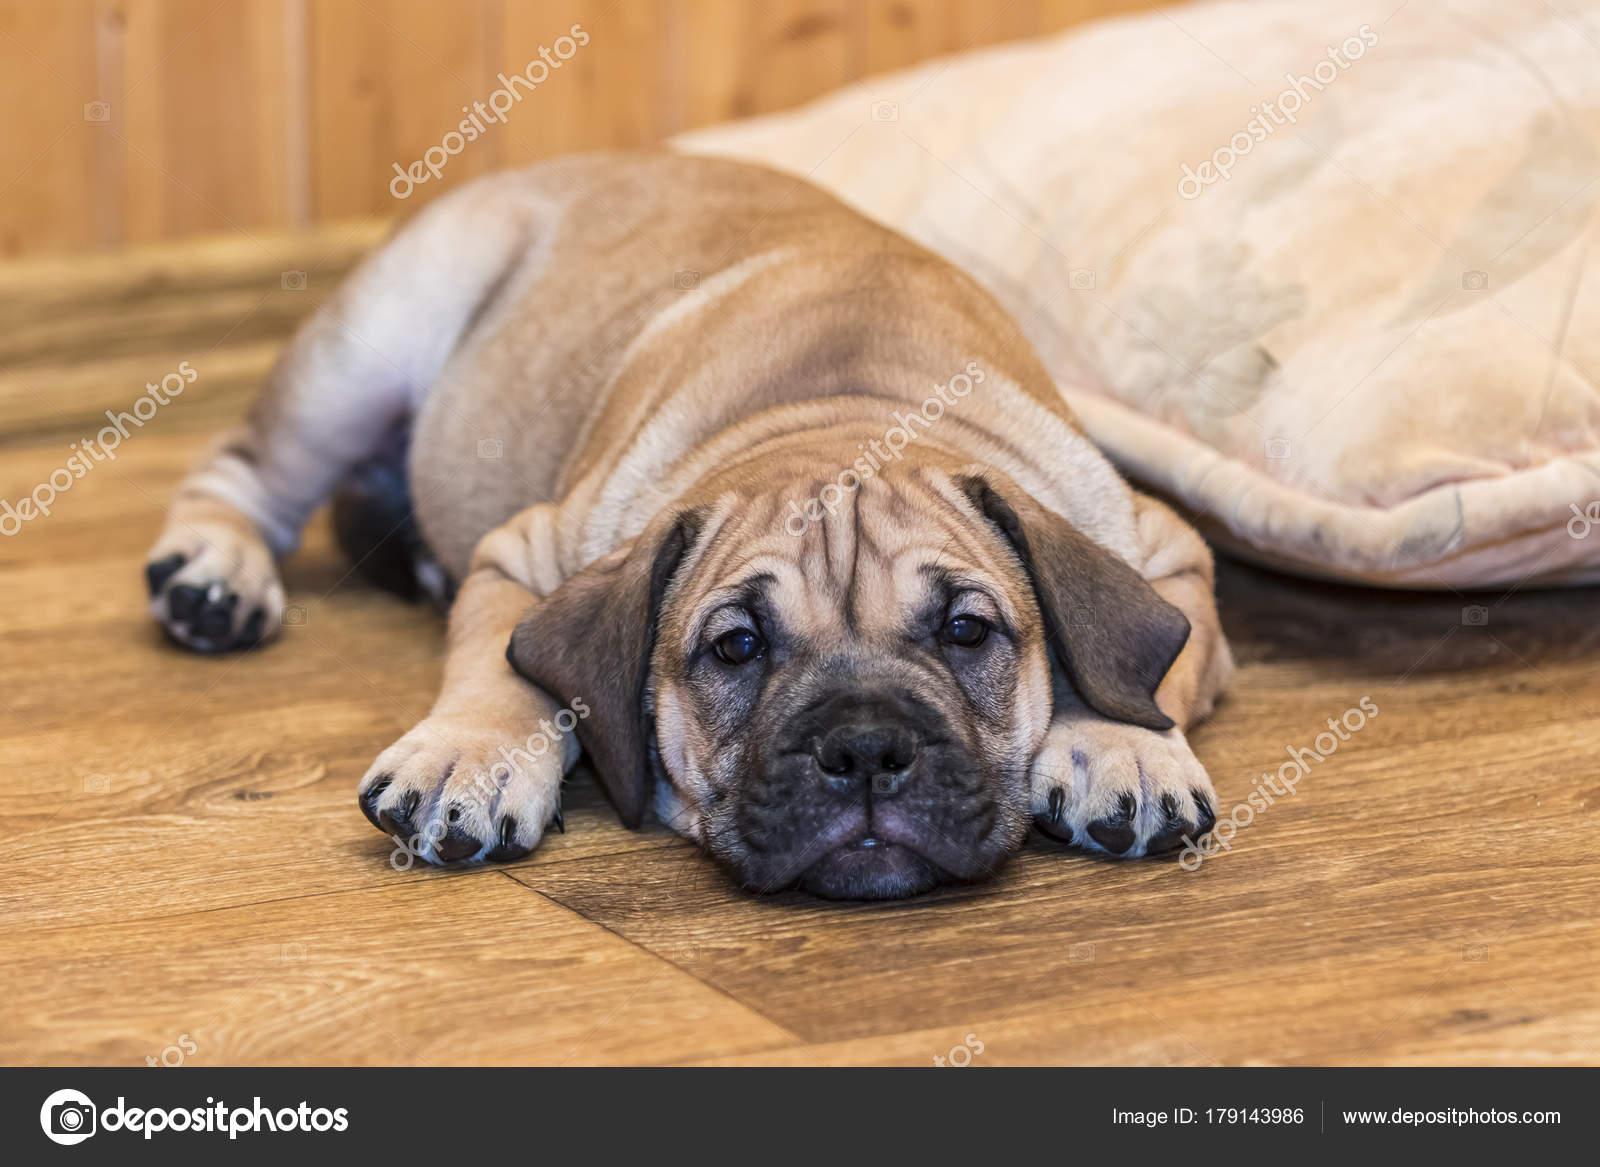 Ca de Bou (Mallorquin Mastiff) puppy dog — Stock Photo